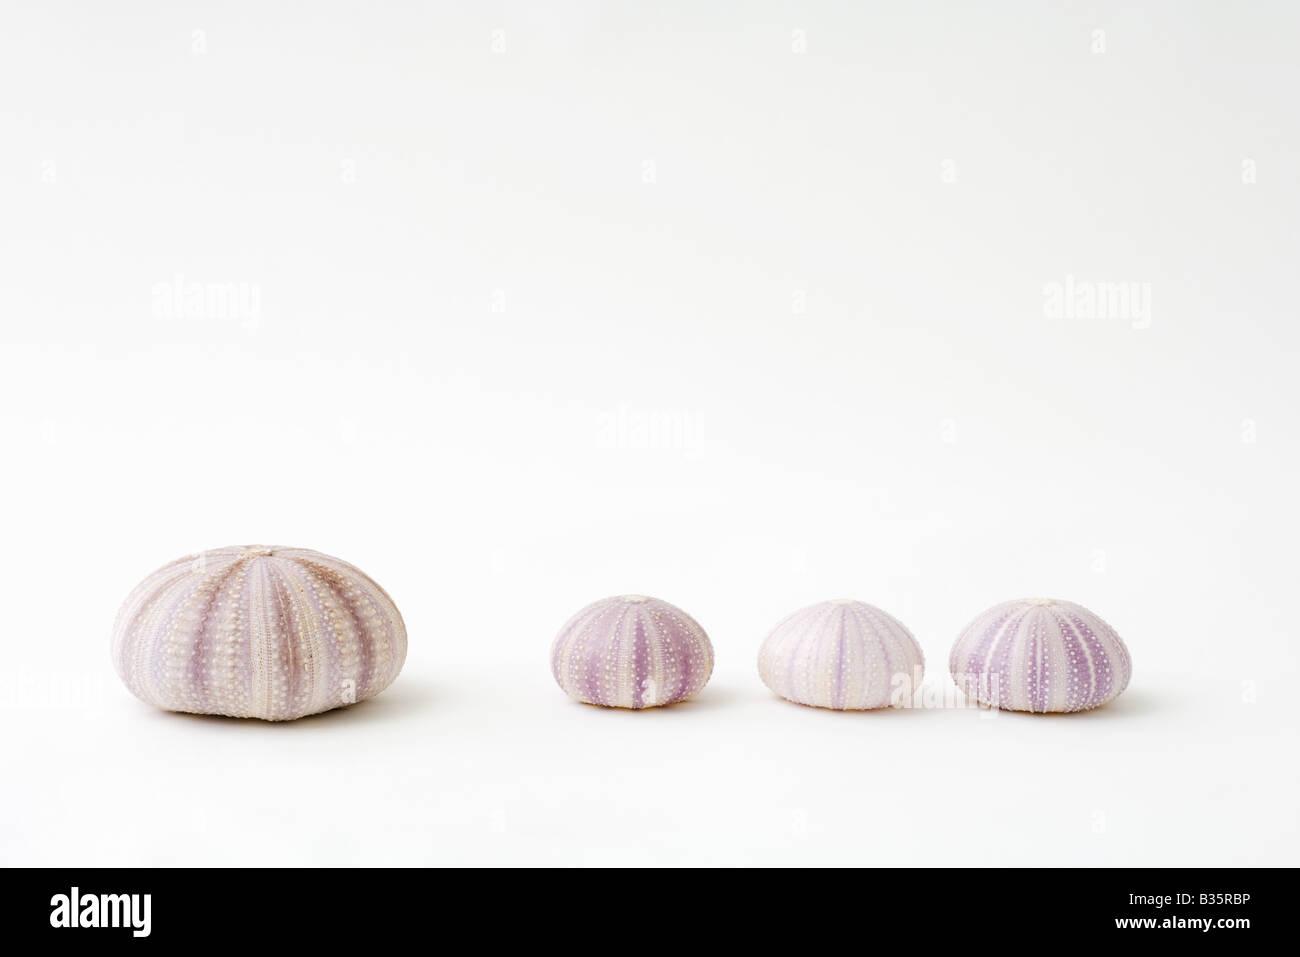 Les coquilles d'oursin de mer séchés, un plus grand que les trois autres Photo Stock